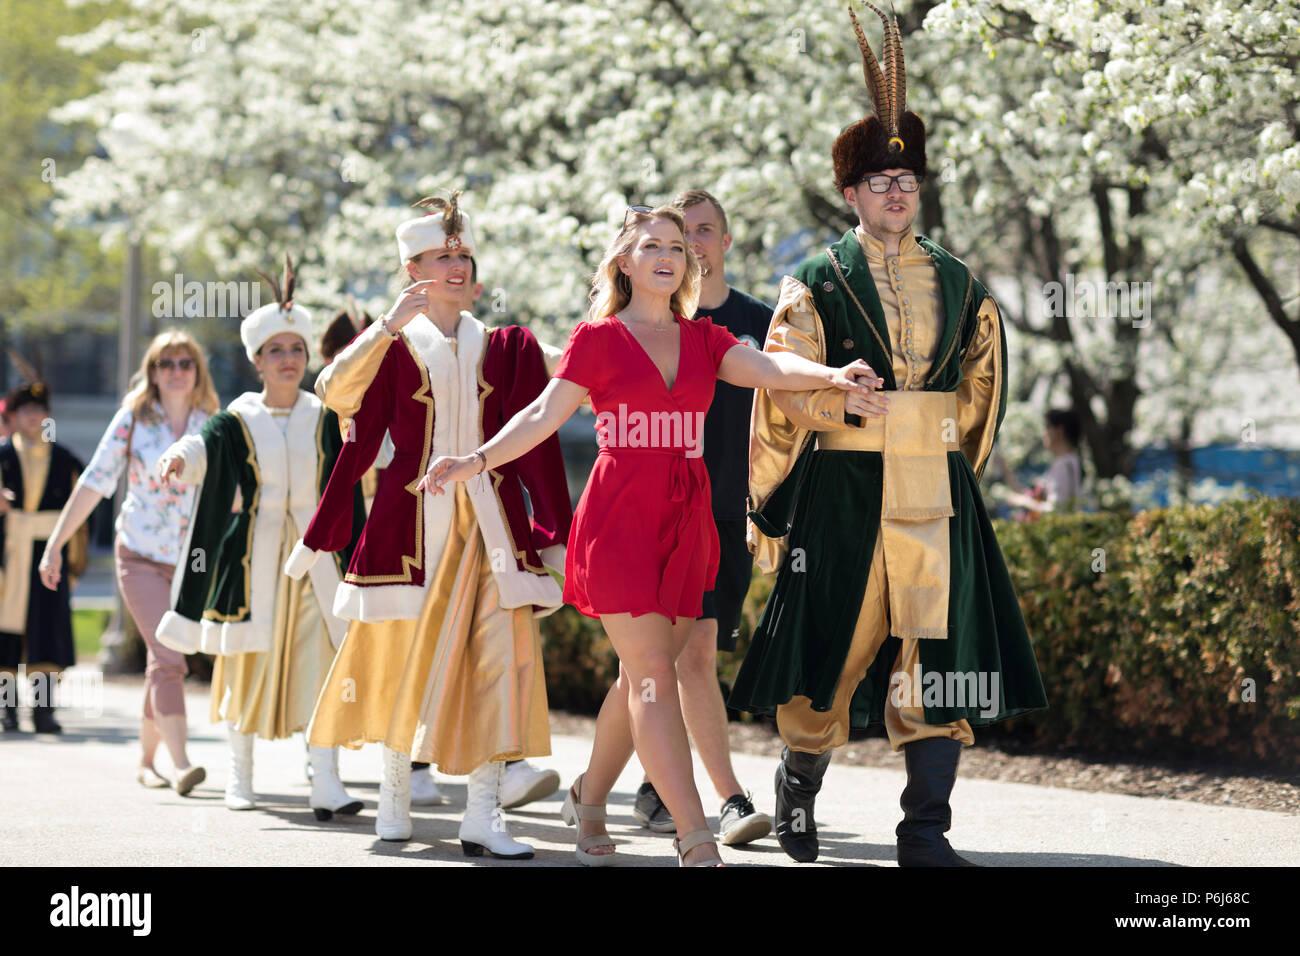 Chicago, Illinois, EE.UU. - 05 de mayo de 2018, los Miembros de Polonia, el canto y la danza folklórica polaca ensemble, vistiendo ropas tradicionales, realizar traditiona polaco Imagen De Stock